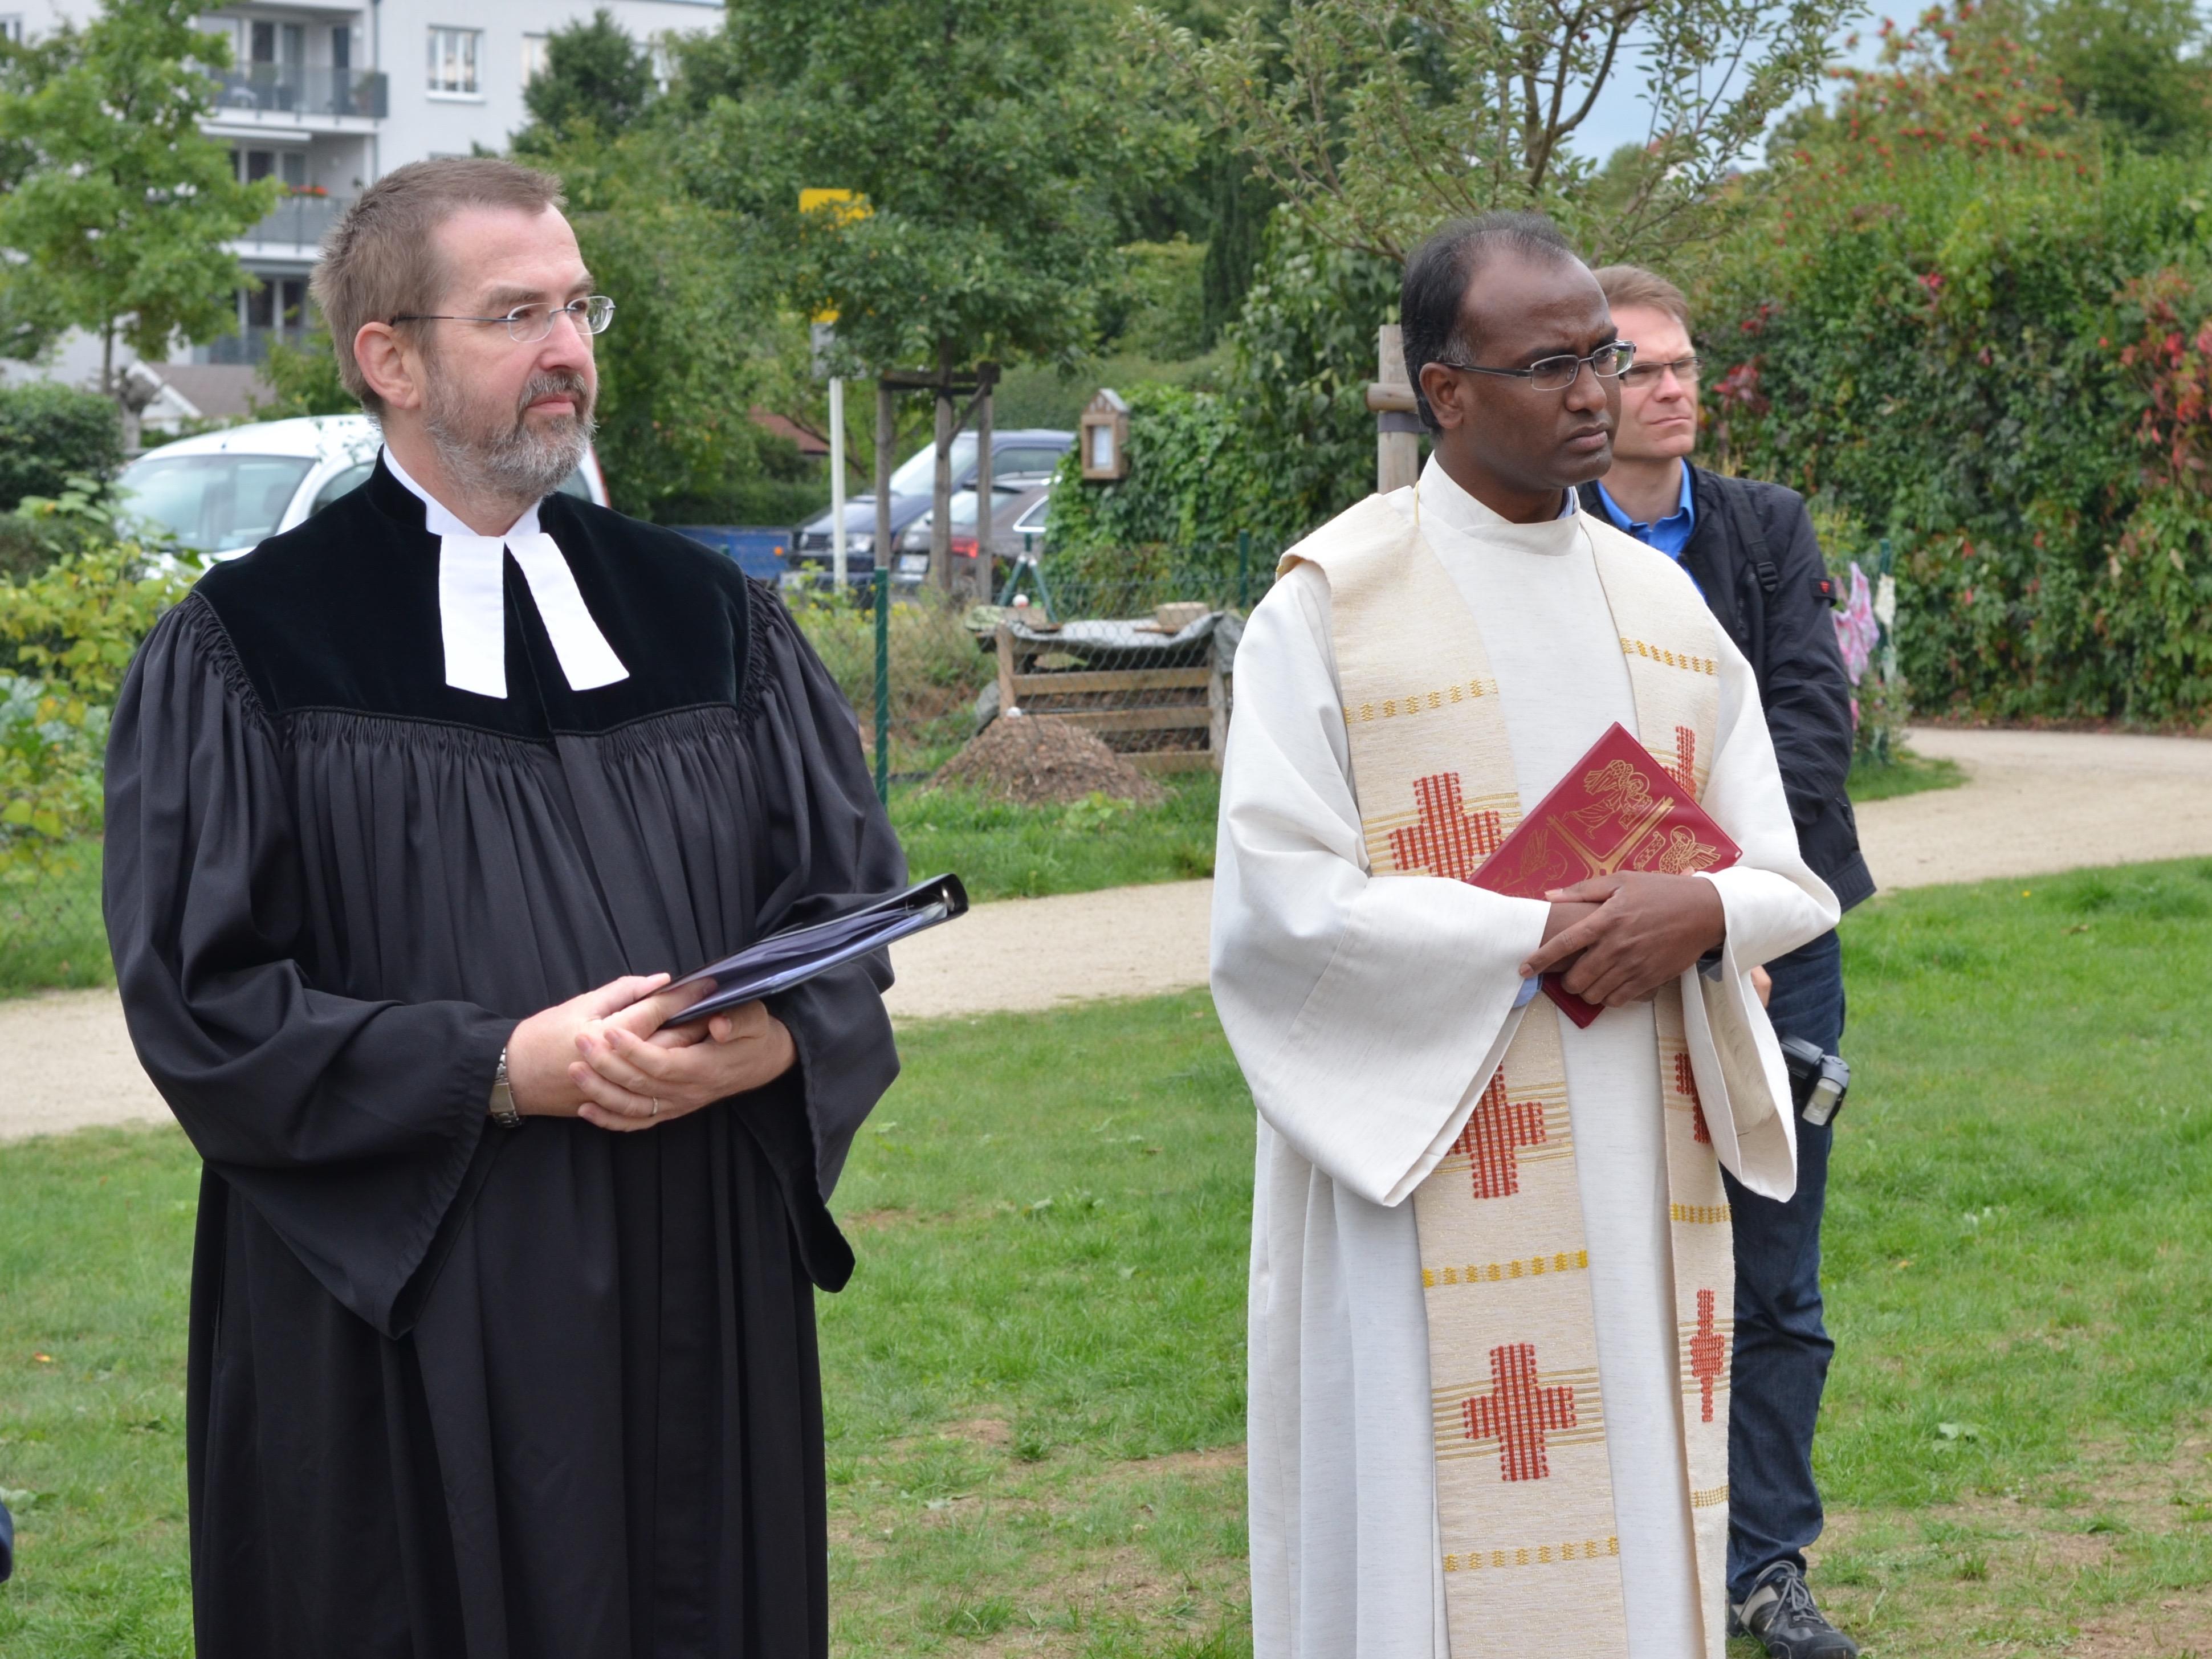 Die Weihe der Bienen-InfoWabe durch Pfarrer Mathias Später und Pfarrer Solomon Sahayaraj anlässlich der Eröffnung am 20.09.2015